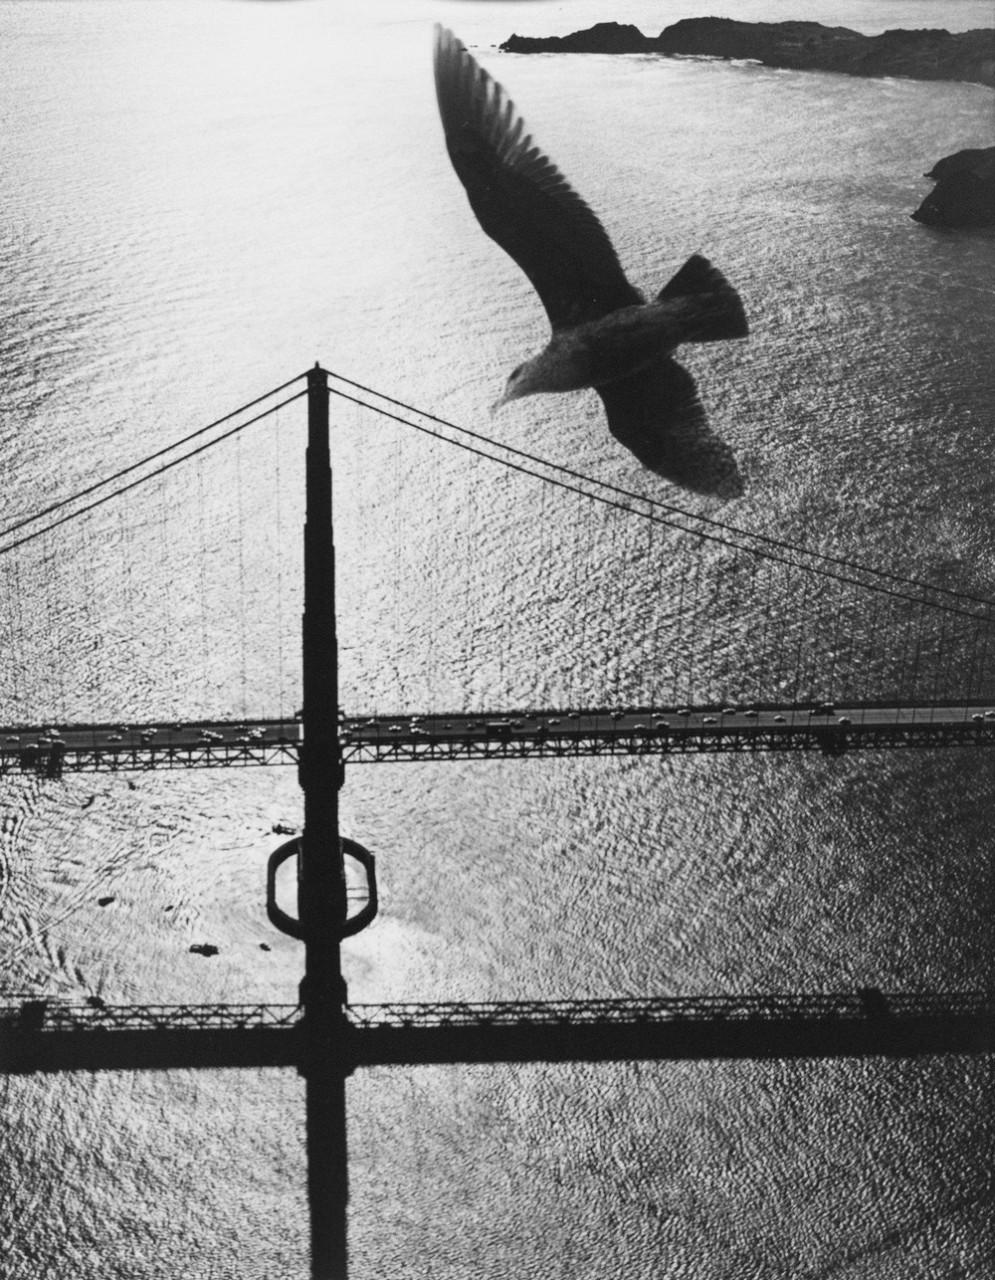 San-Frantsisko-ulichnye-fotografii-1940-50-godov-Freda-Liona 40-2